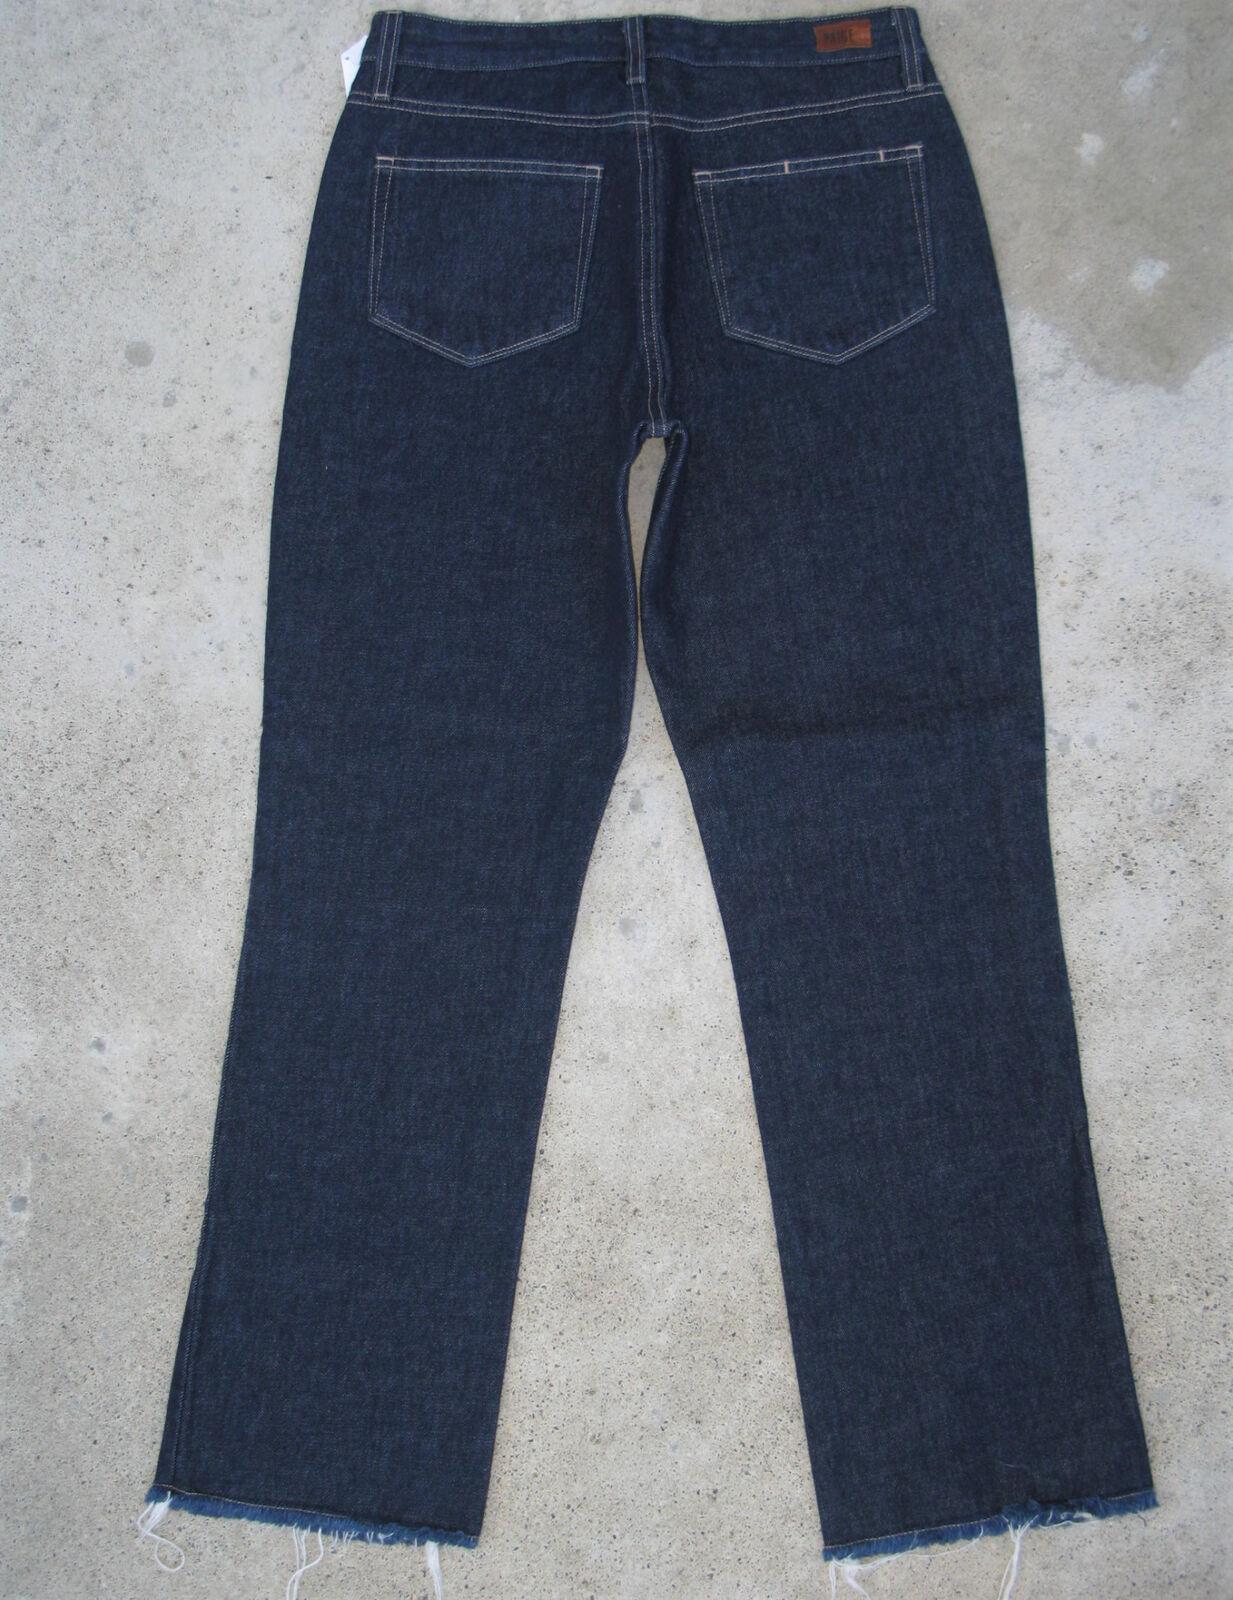 Paige Premium Donna a a a Vita Alta Mamma Jeans Taglie 27 Scuro Logori Orlo Nuovo 32ee94